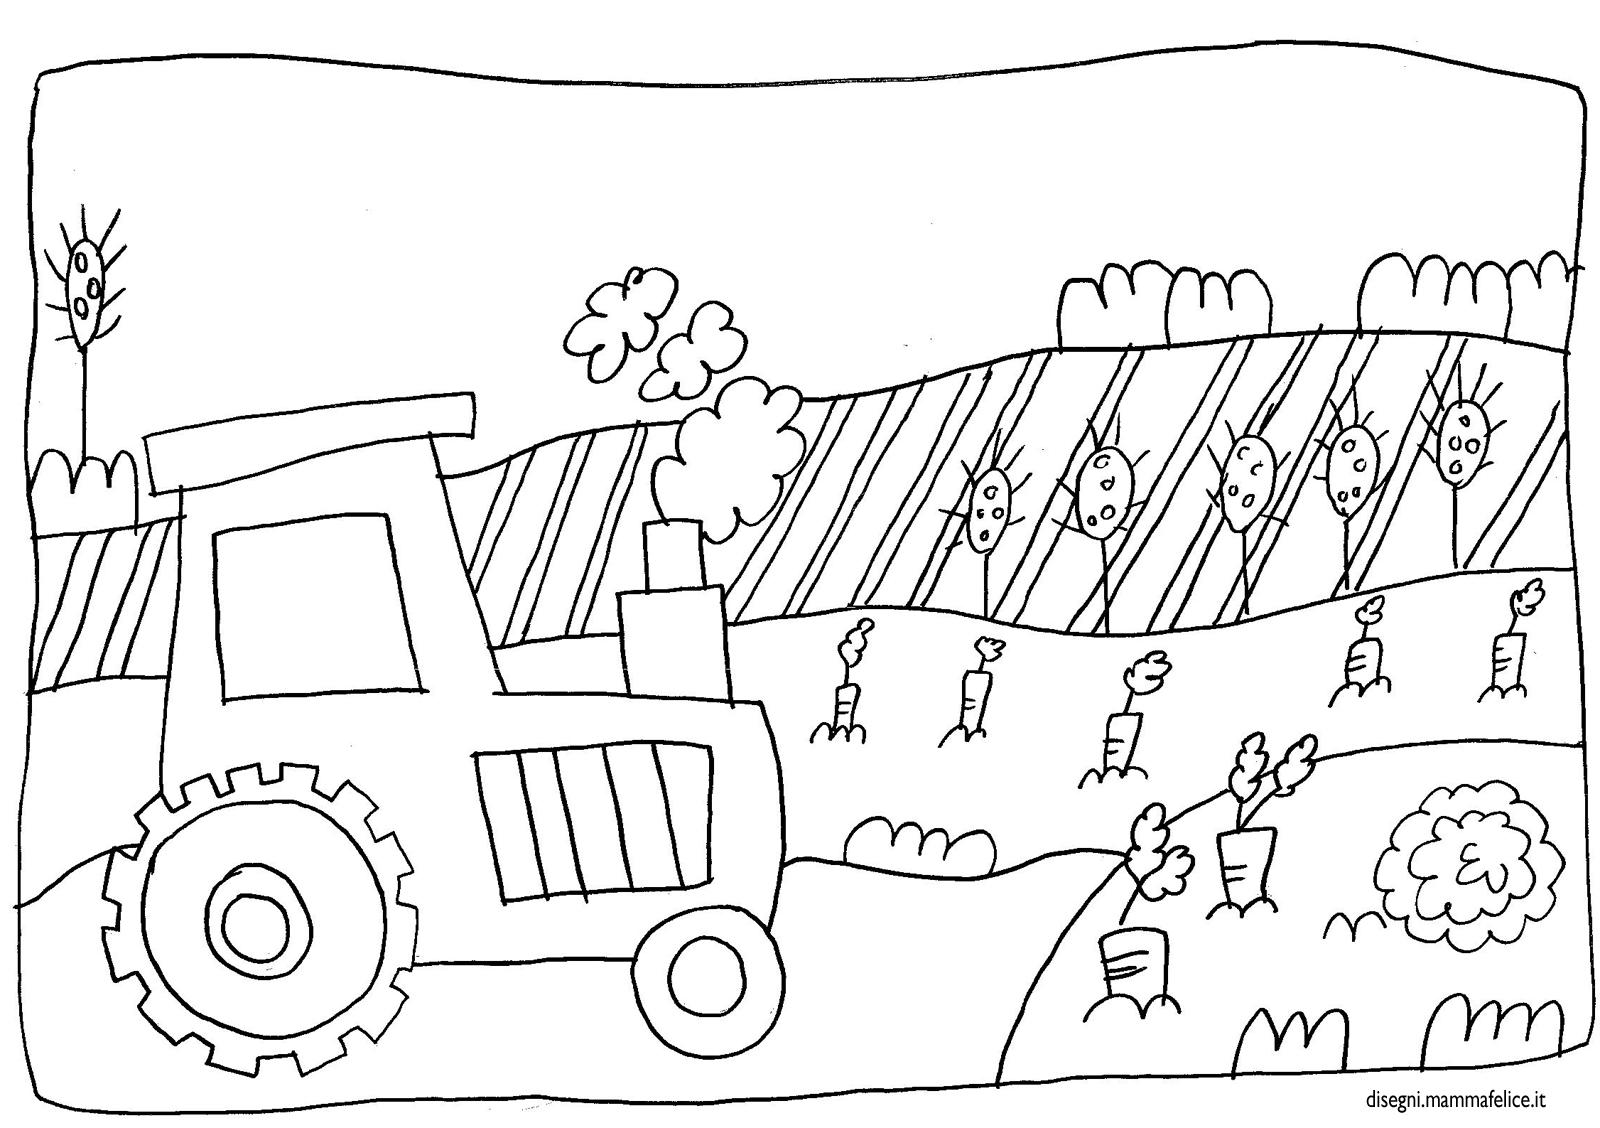 Disegno da colorare trattore e fattoria disegni mammafelice for Disegno della fattoria americana